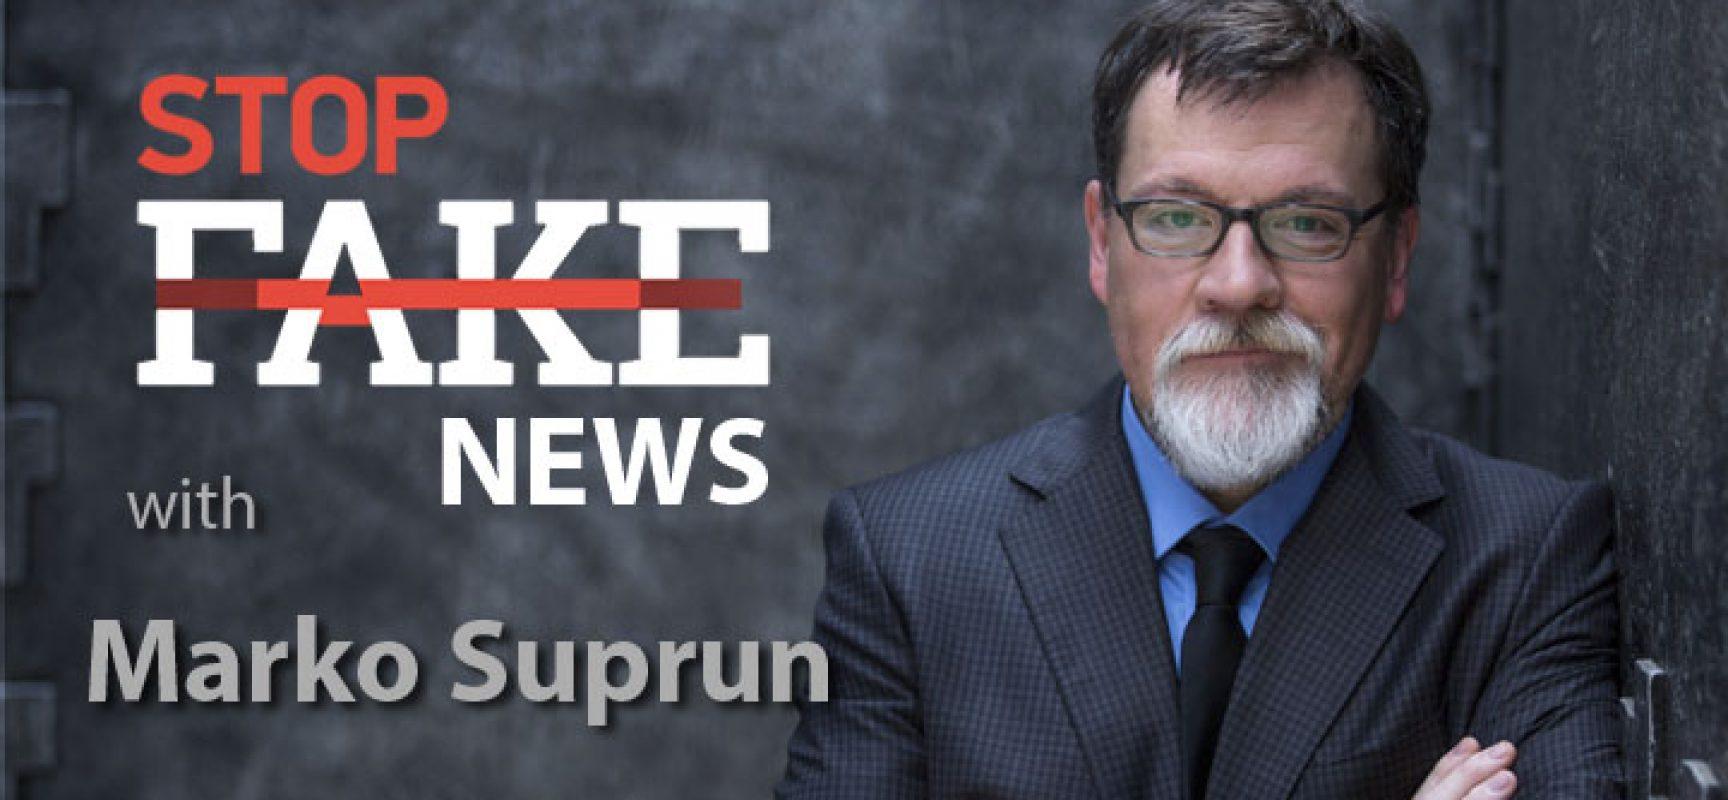 StopFakeNews #122 [ENG] with Marko Suprun